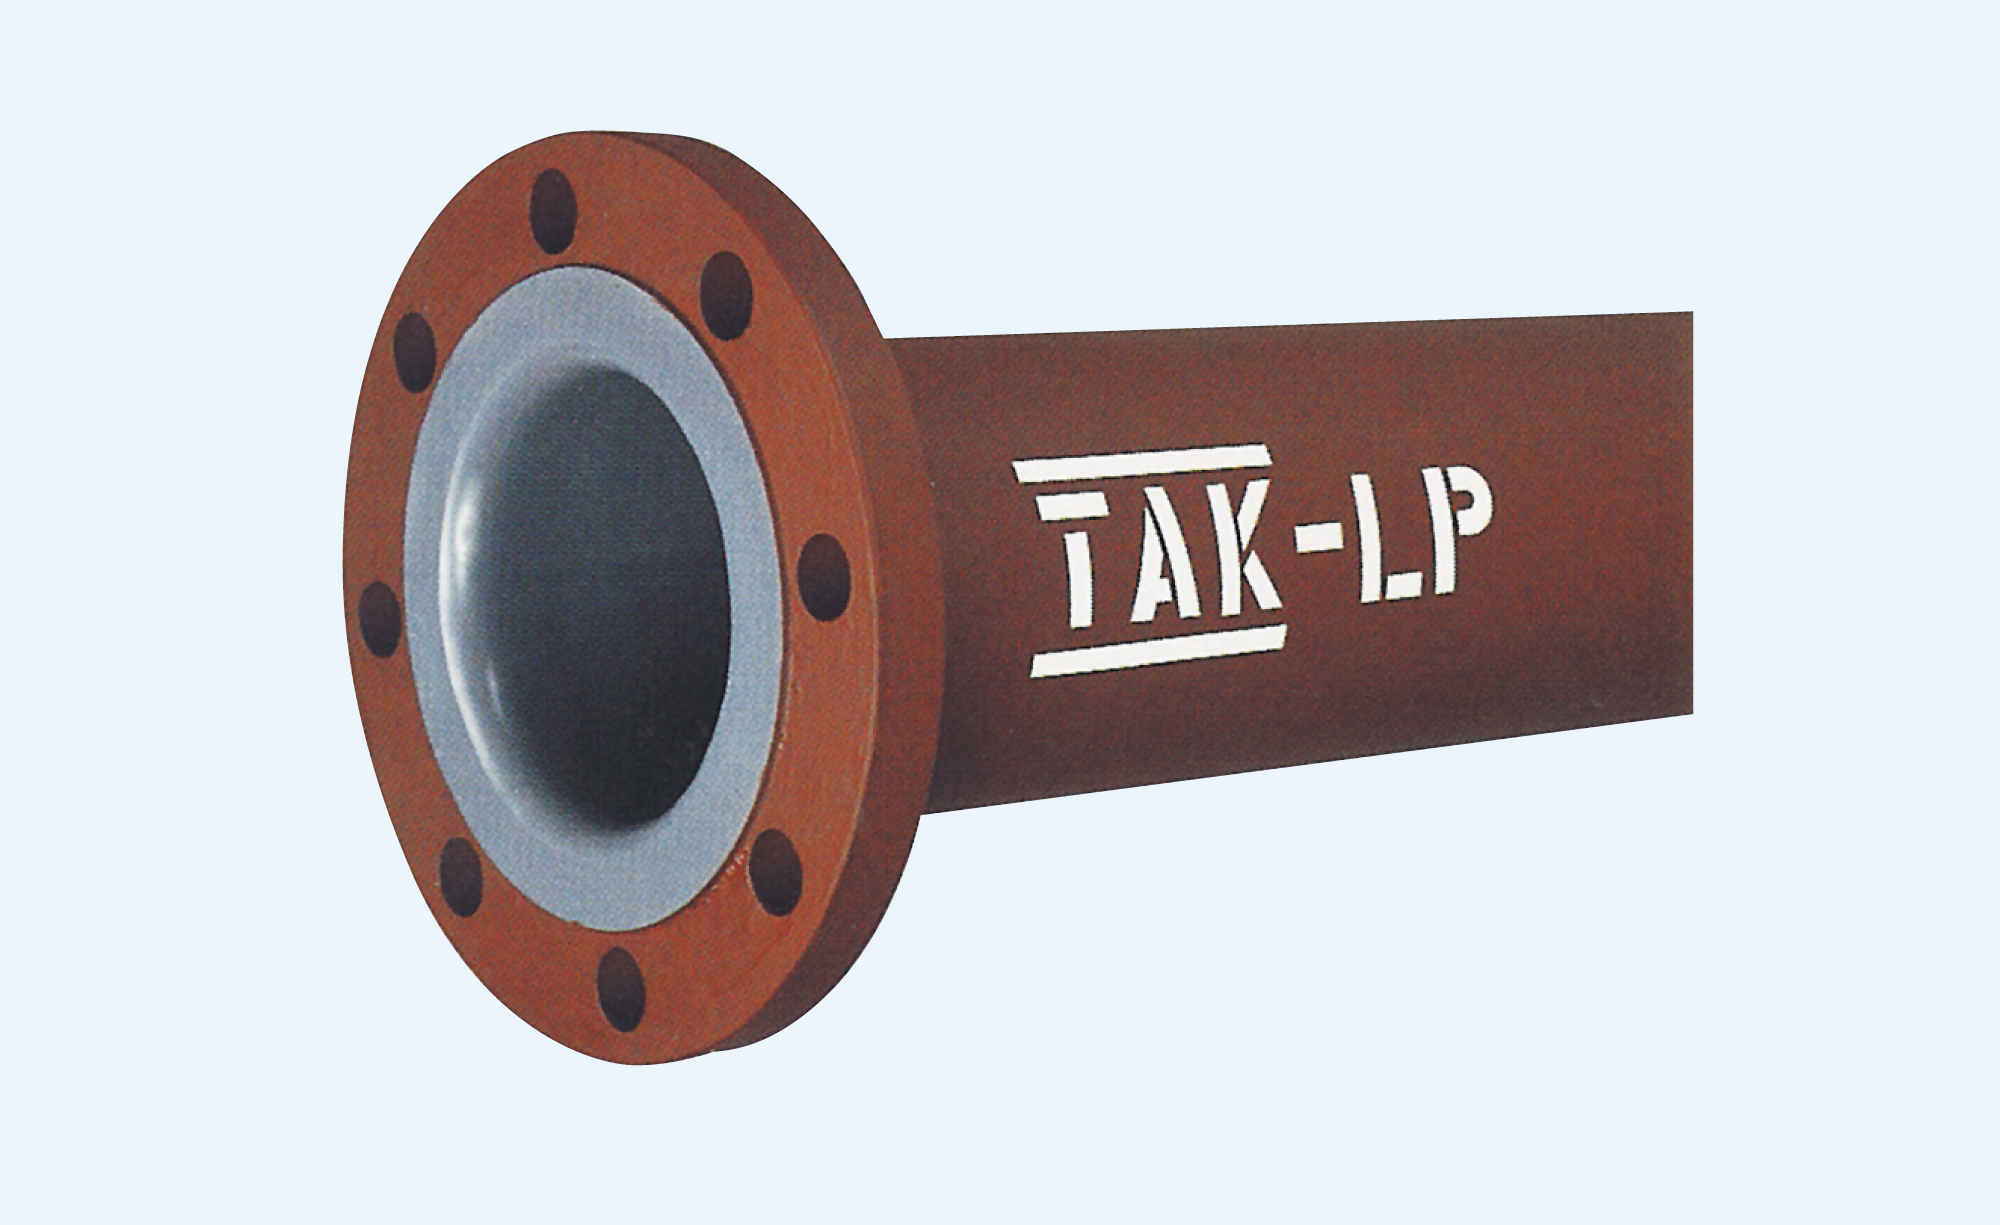 硬質塩化ビニルライニング鋼管【LP】画像